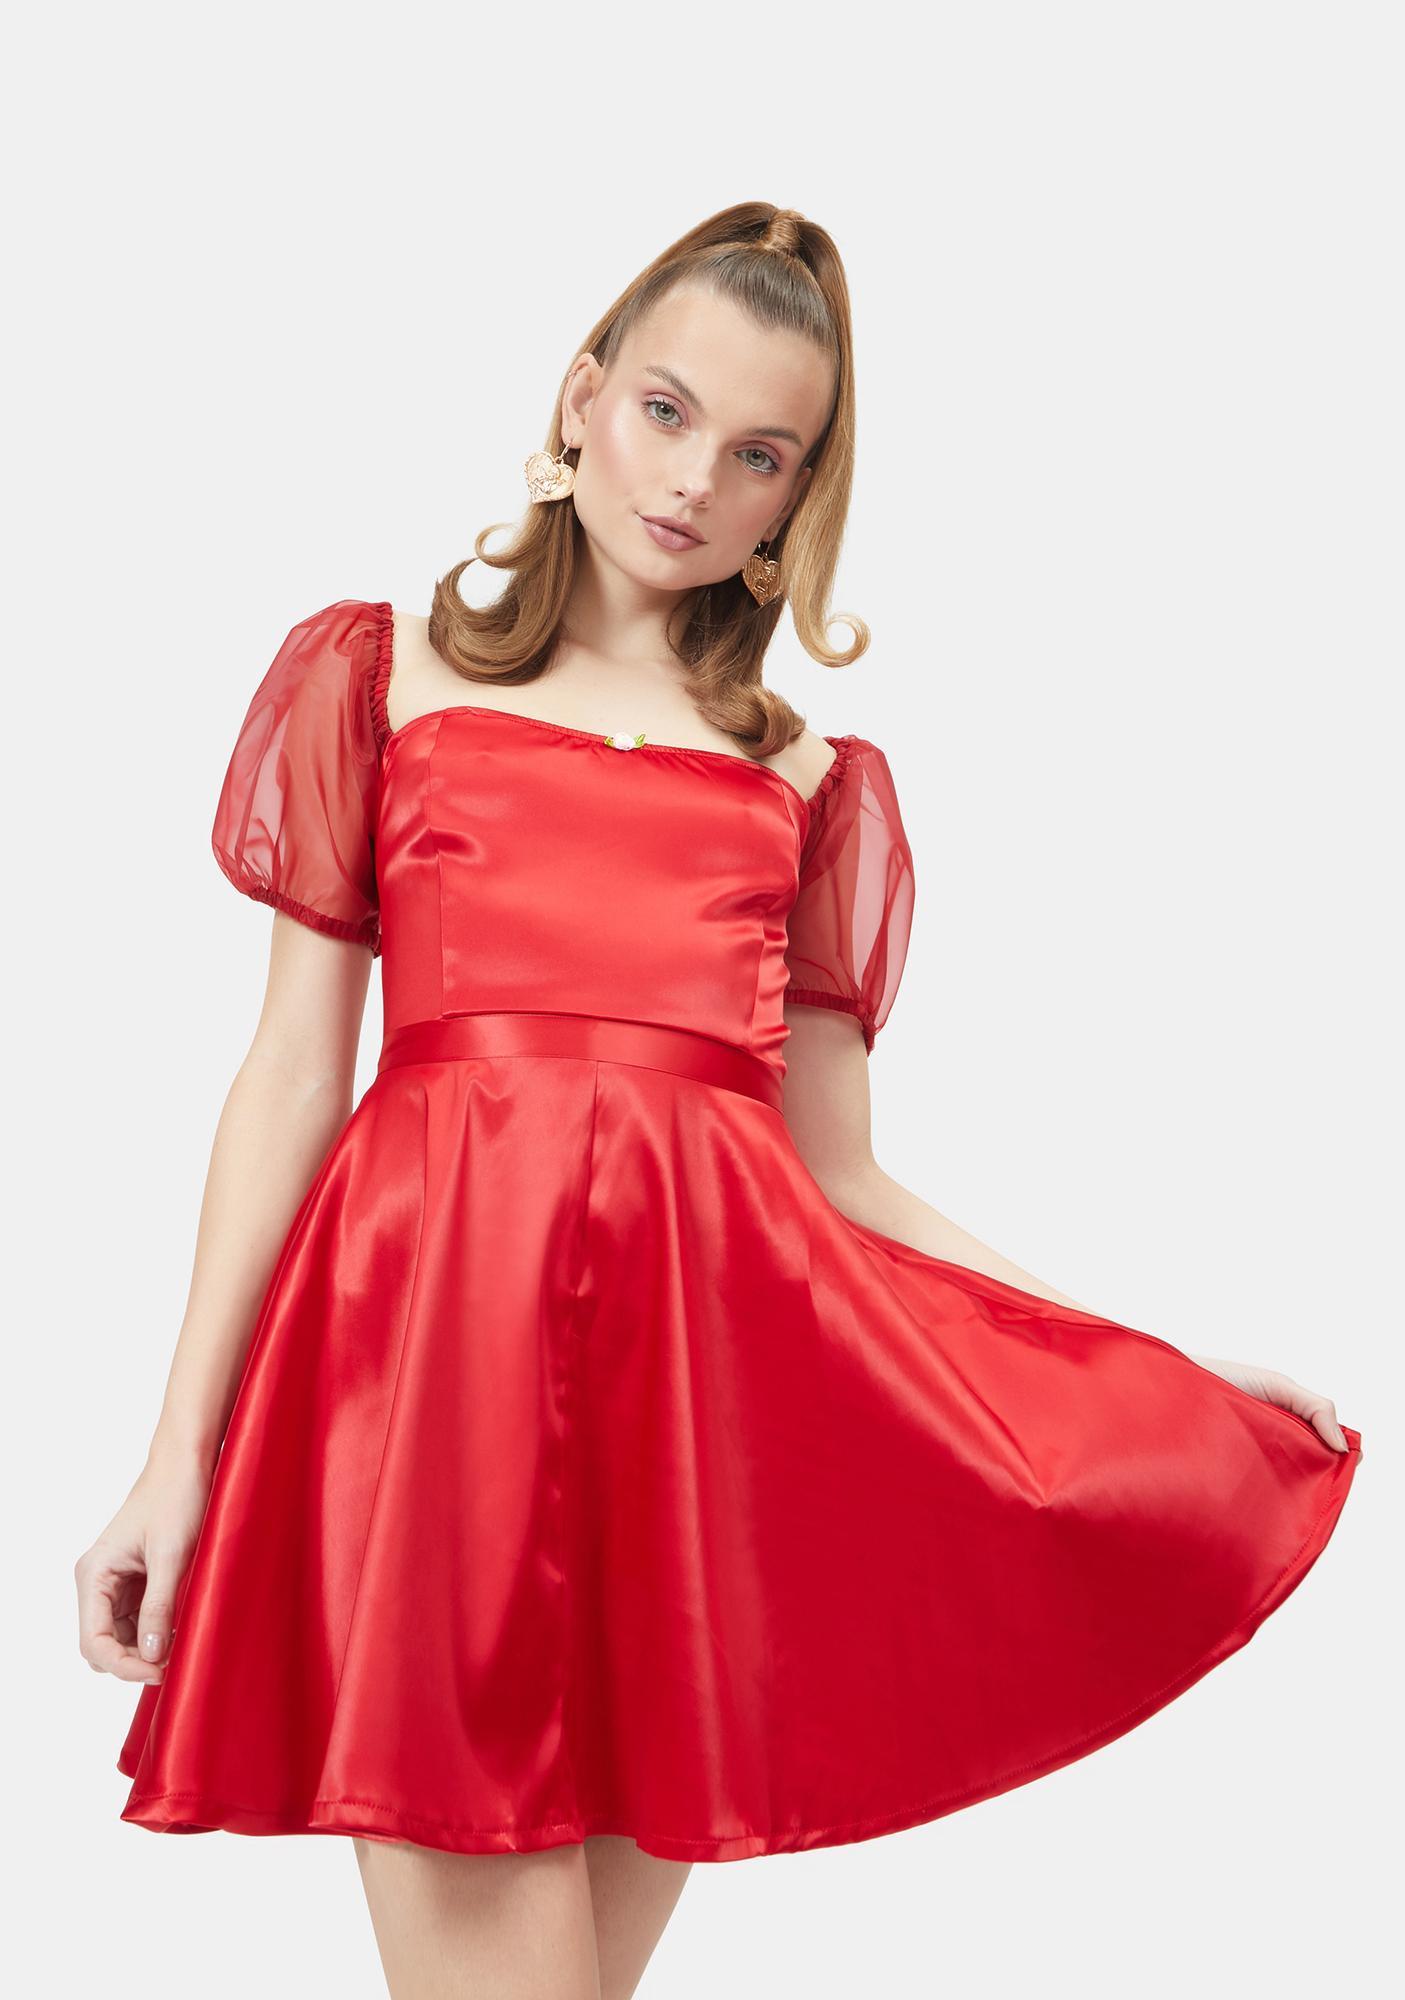 Sugar Thrillz Love Tender Adieu Babydoll Dress